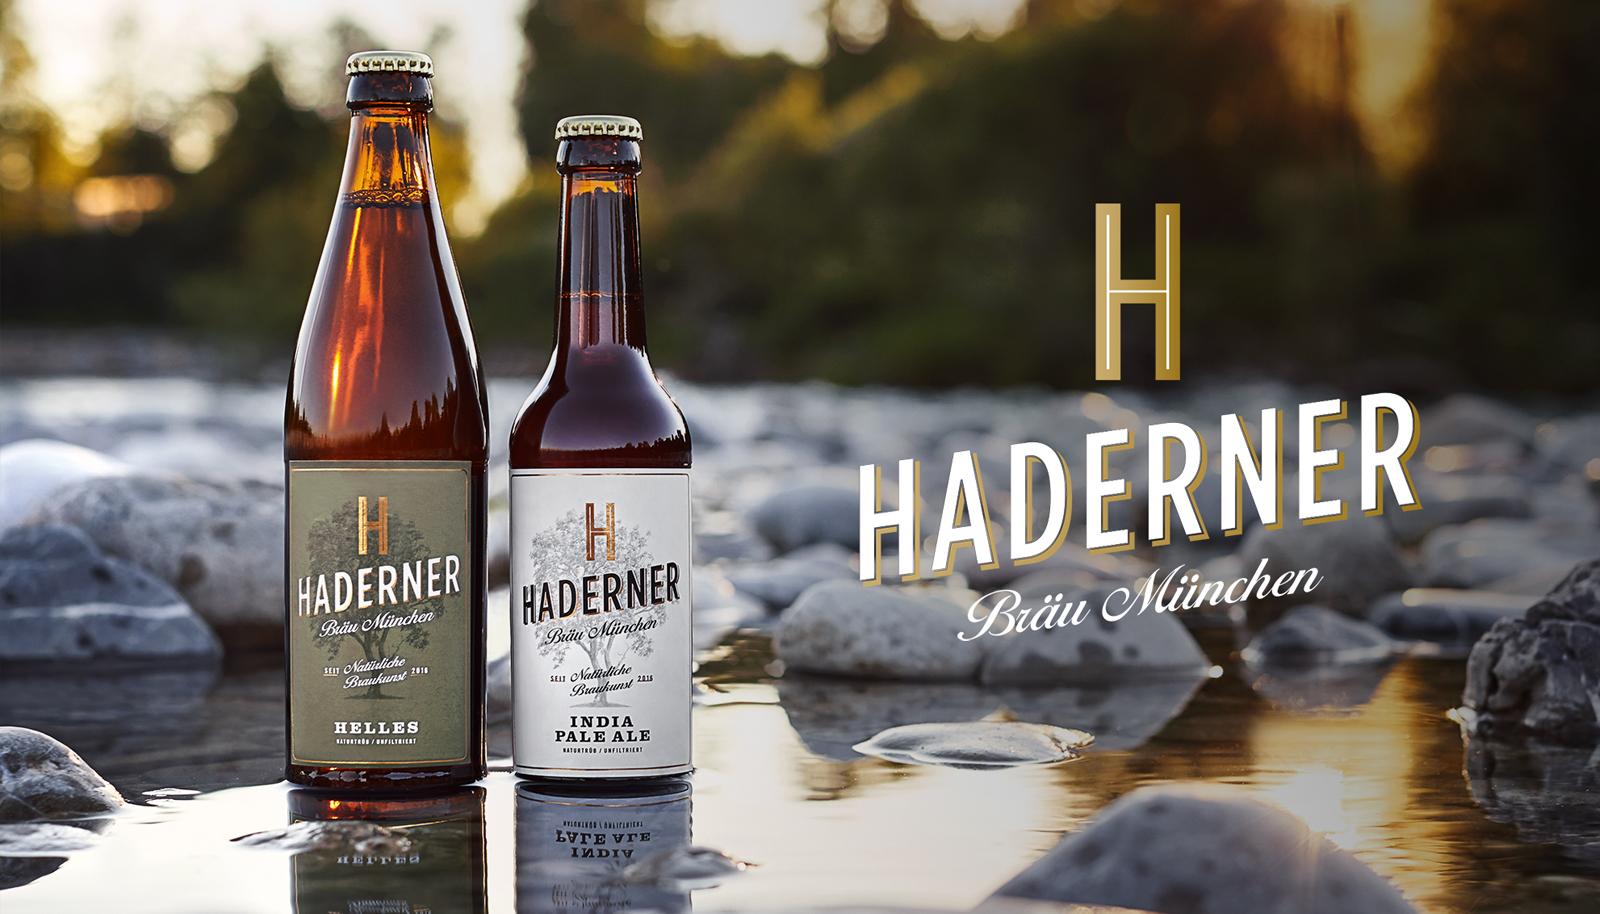 Haderner_Slider